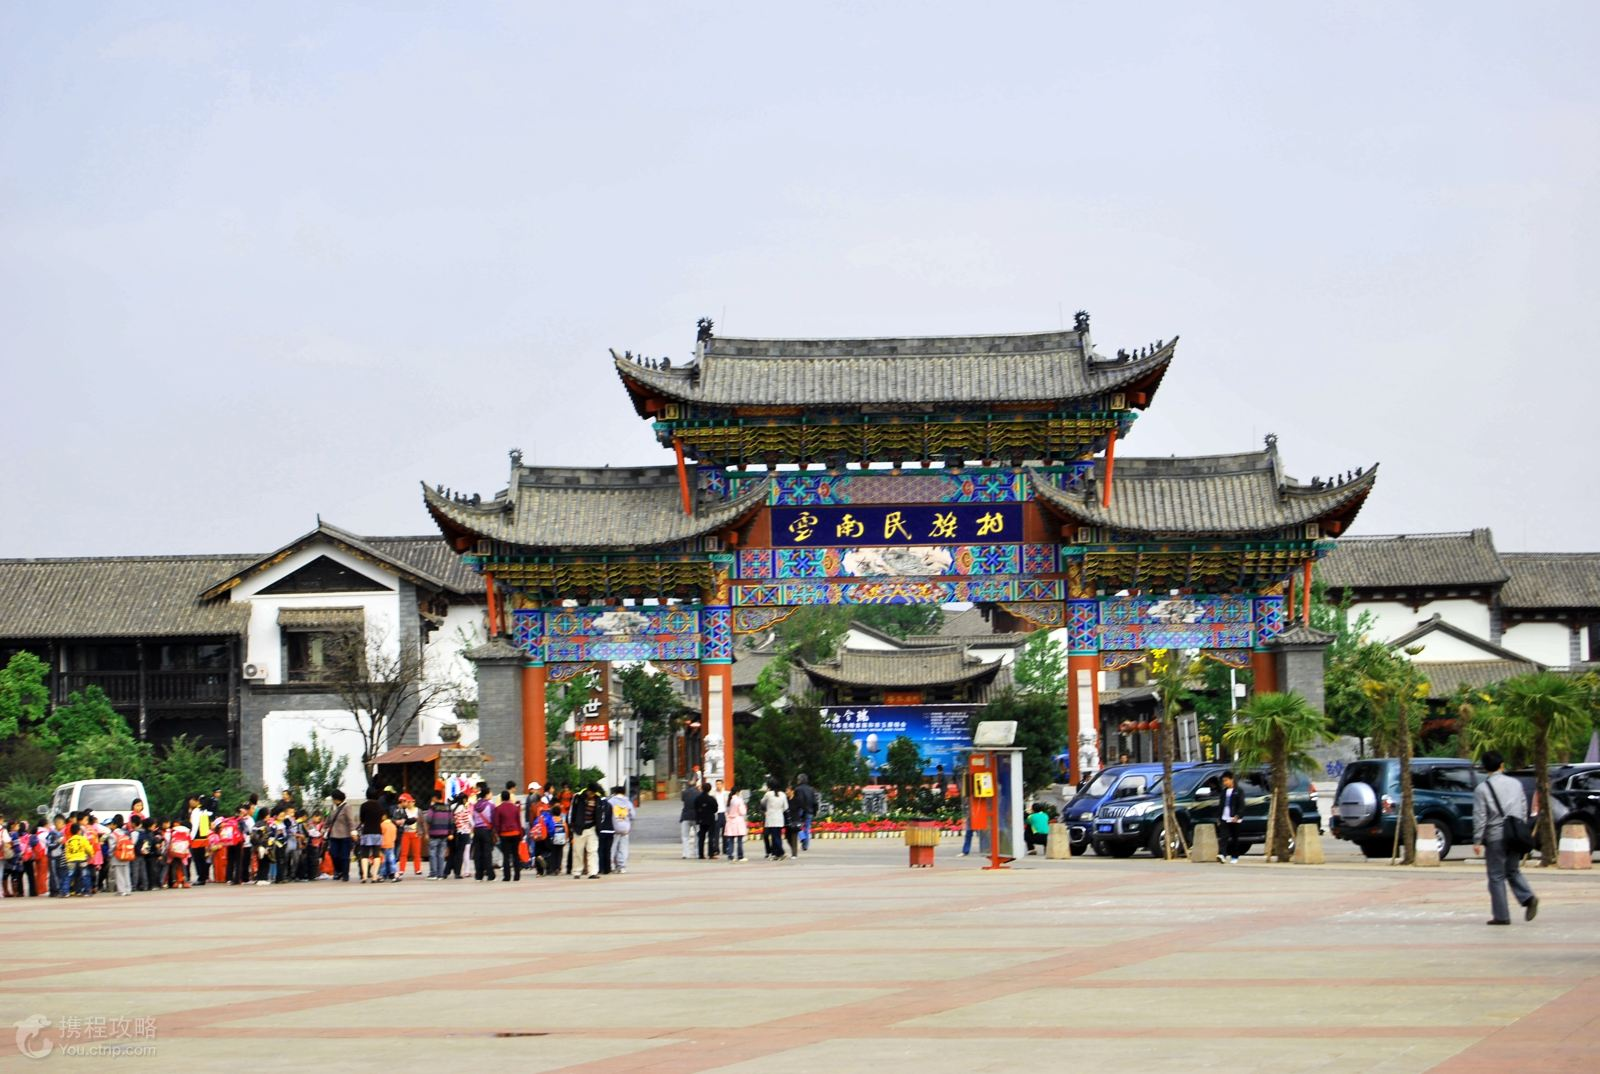 云南 昆明 西双版纳 野象谷 原始森林公园4日3晚跟团游 云南民族村